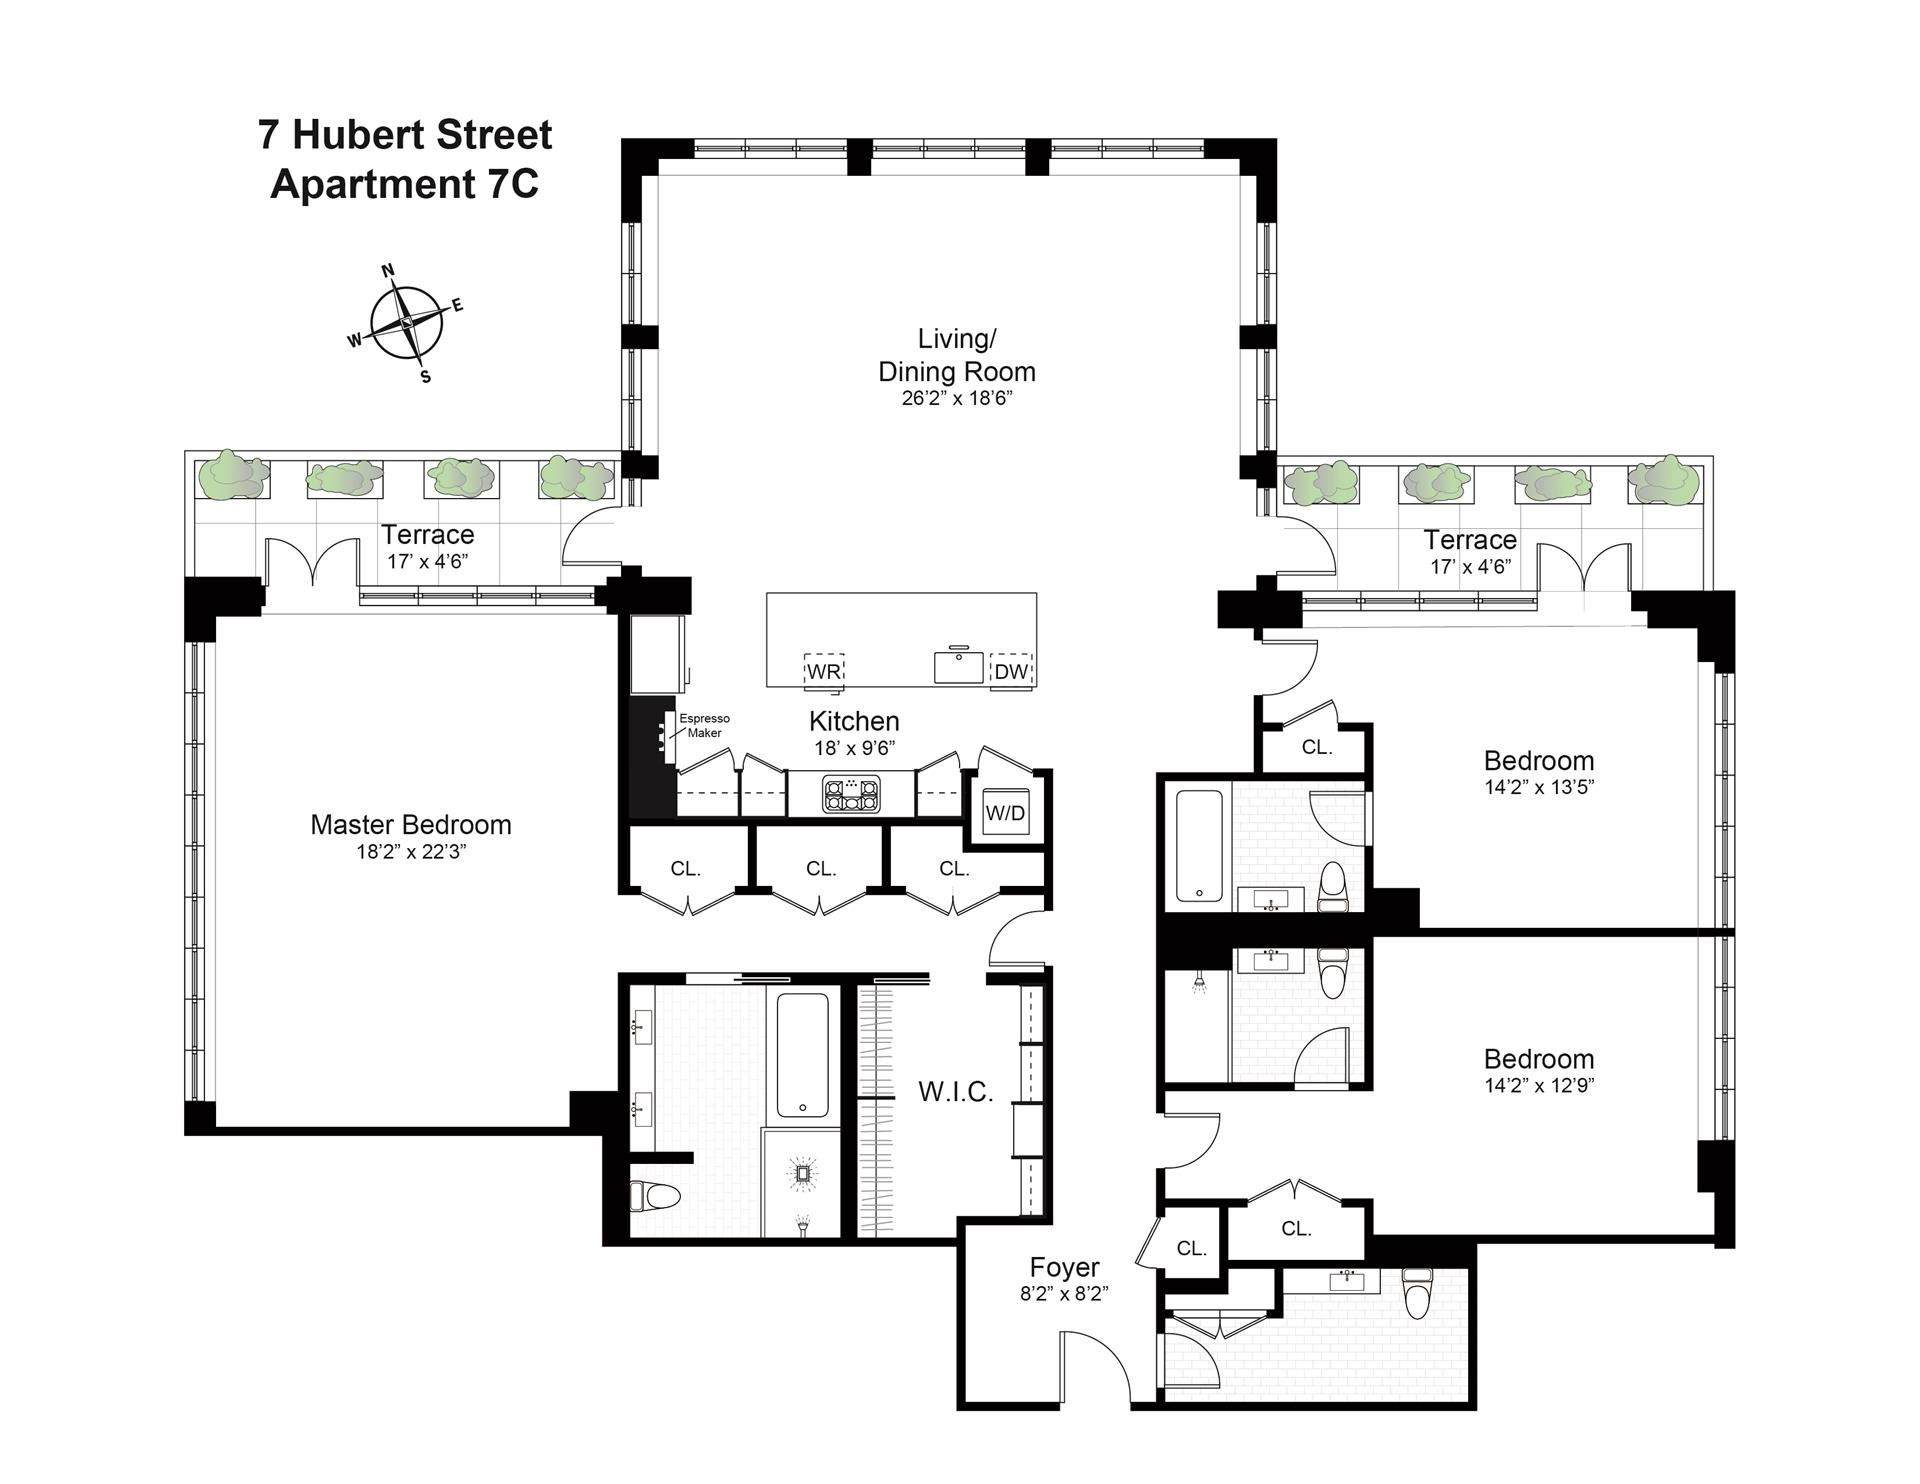 Floor plan of The Hubert, 7 Hubert St, 7C - TriBeCa, New York